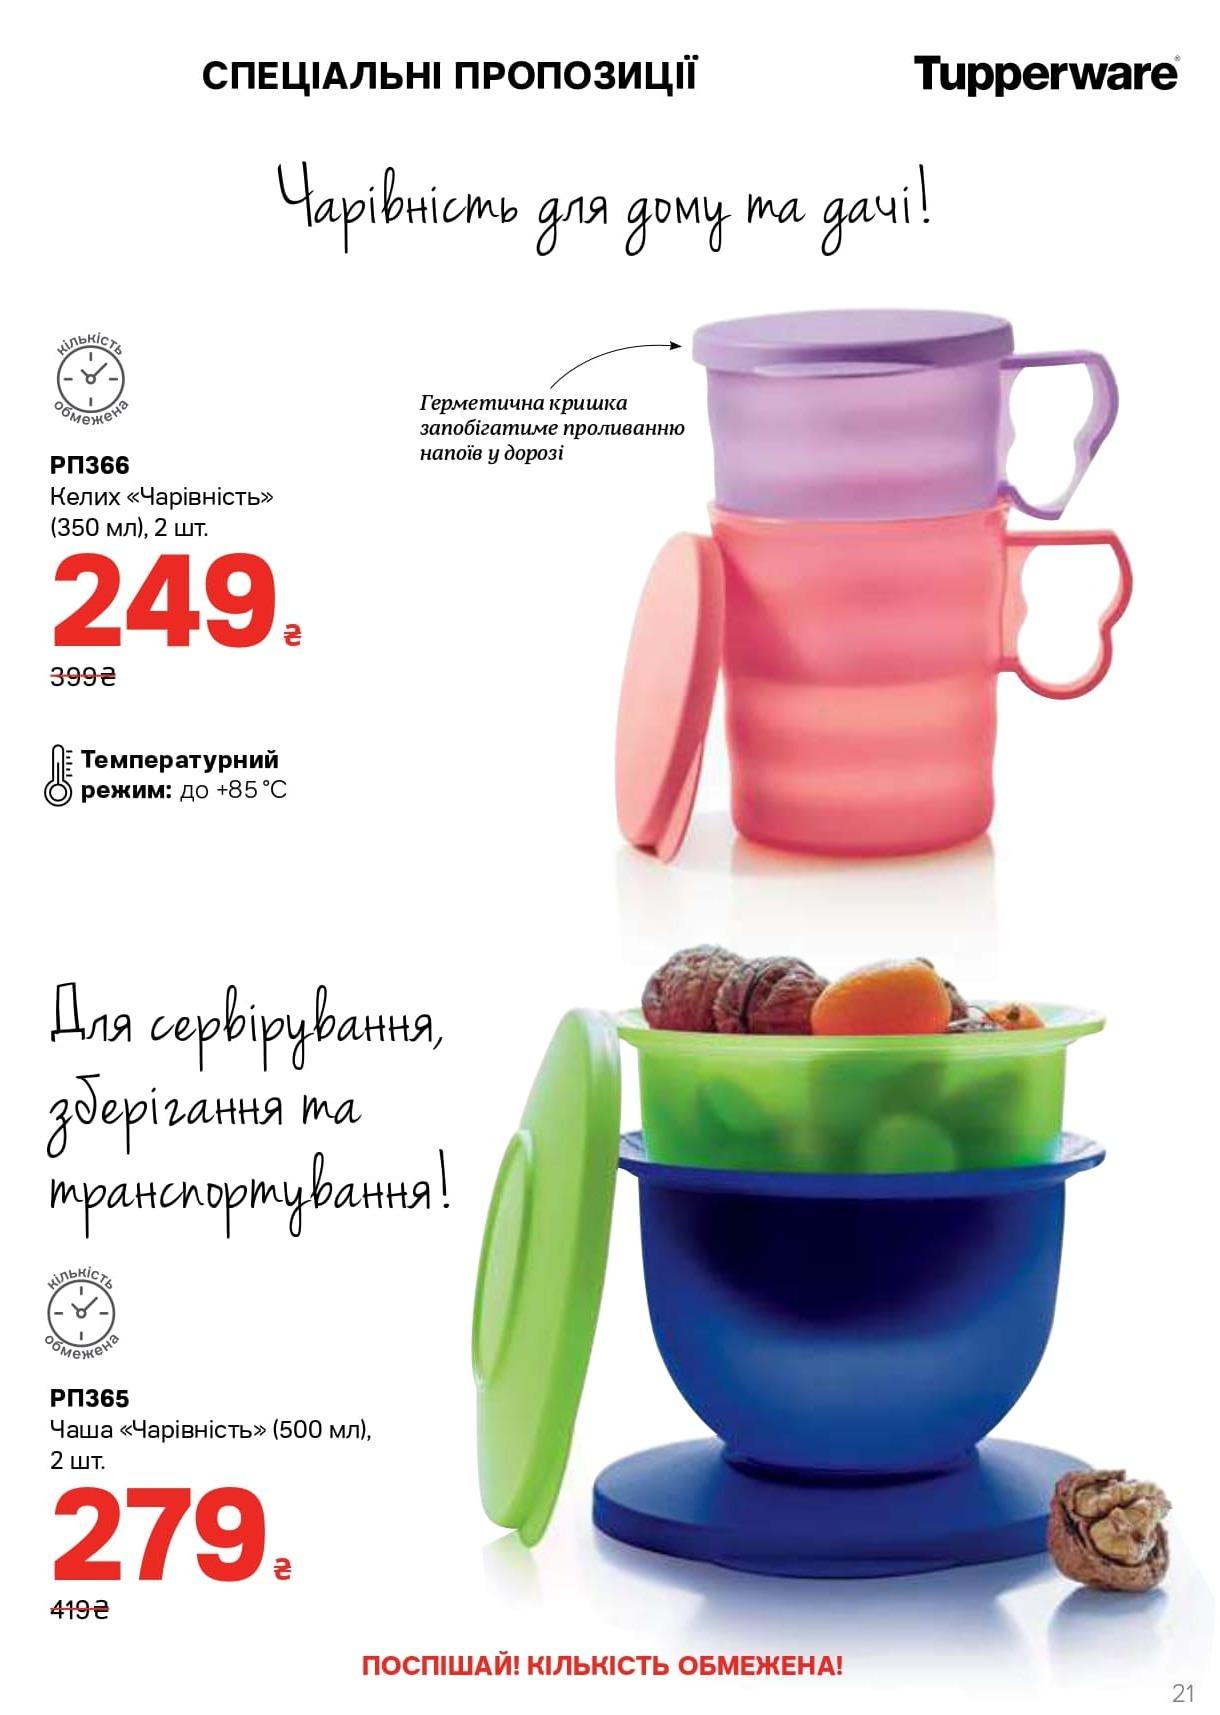 Коллекция очарование Tupperware